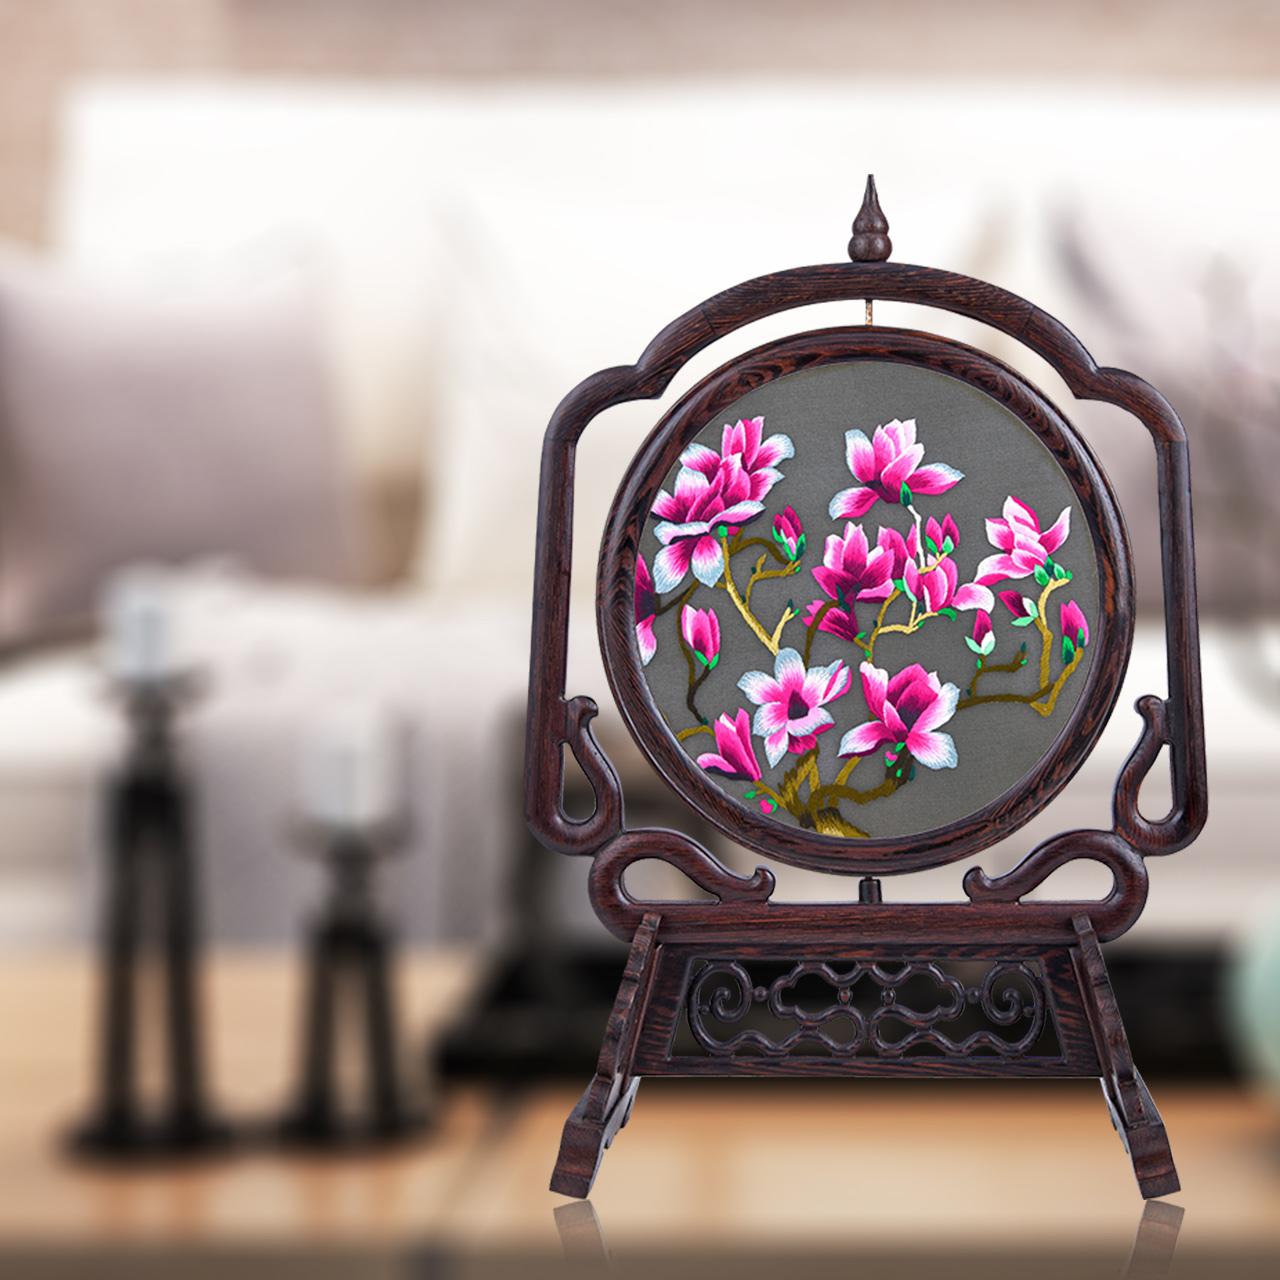 马到成功摆件屋内装饰品家居摆设中国风小礼物送老外出国礼品苏绣